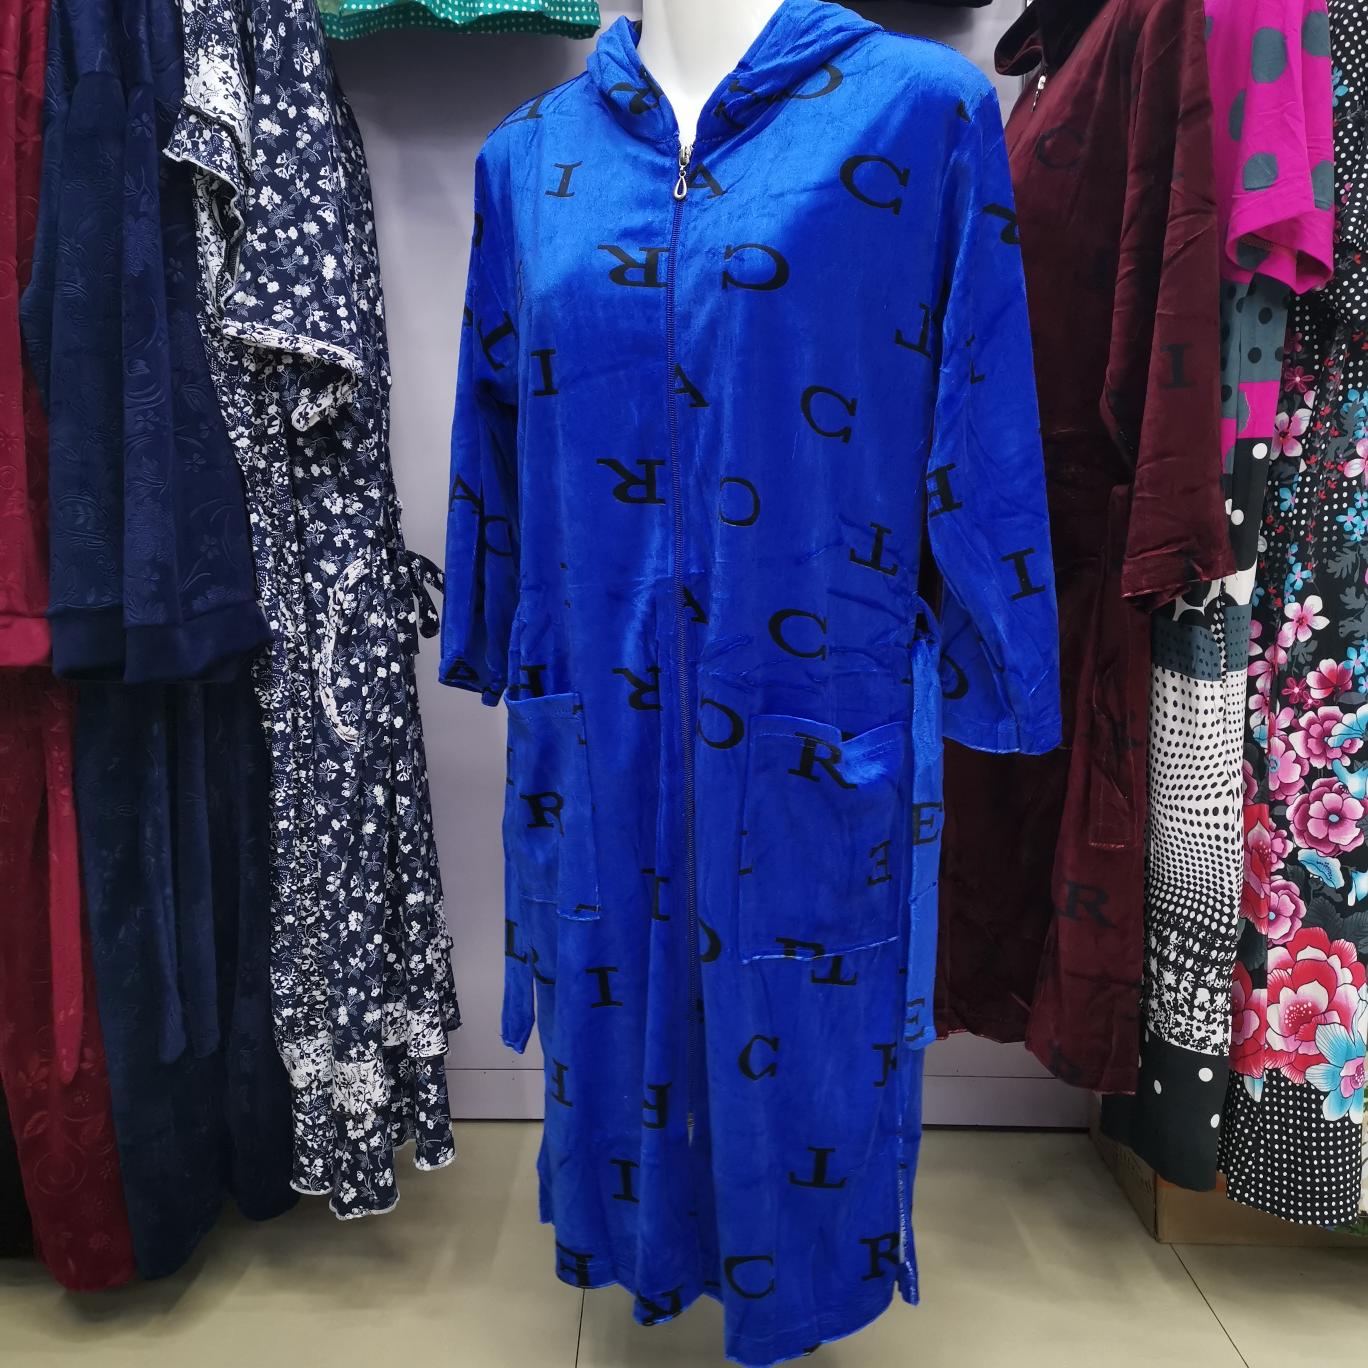 带帽拉链天鹅绒女士连体长衫长裙长袖8分袖家居睡衣